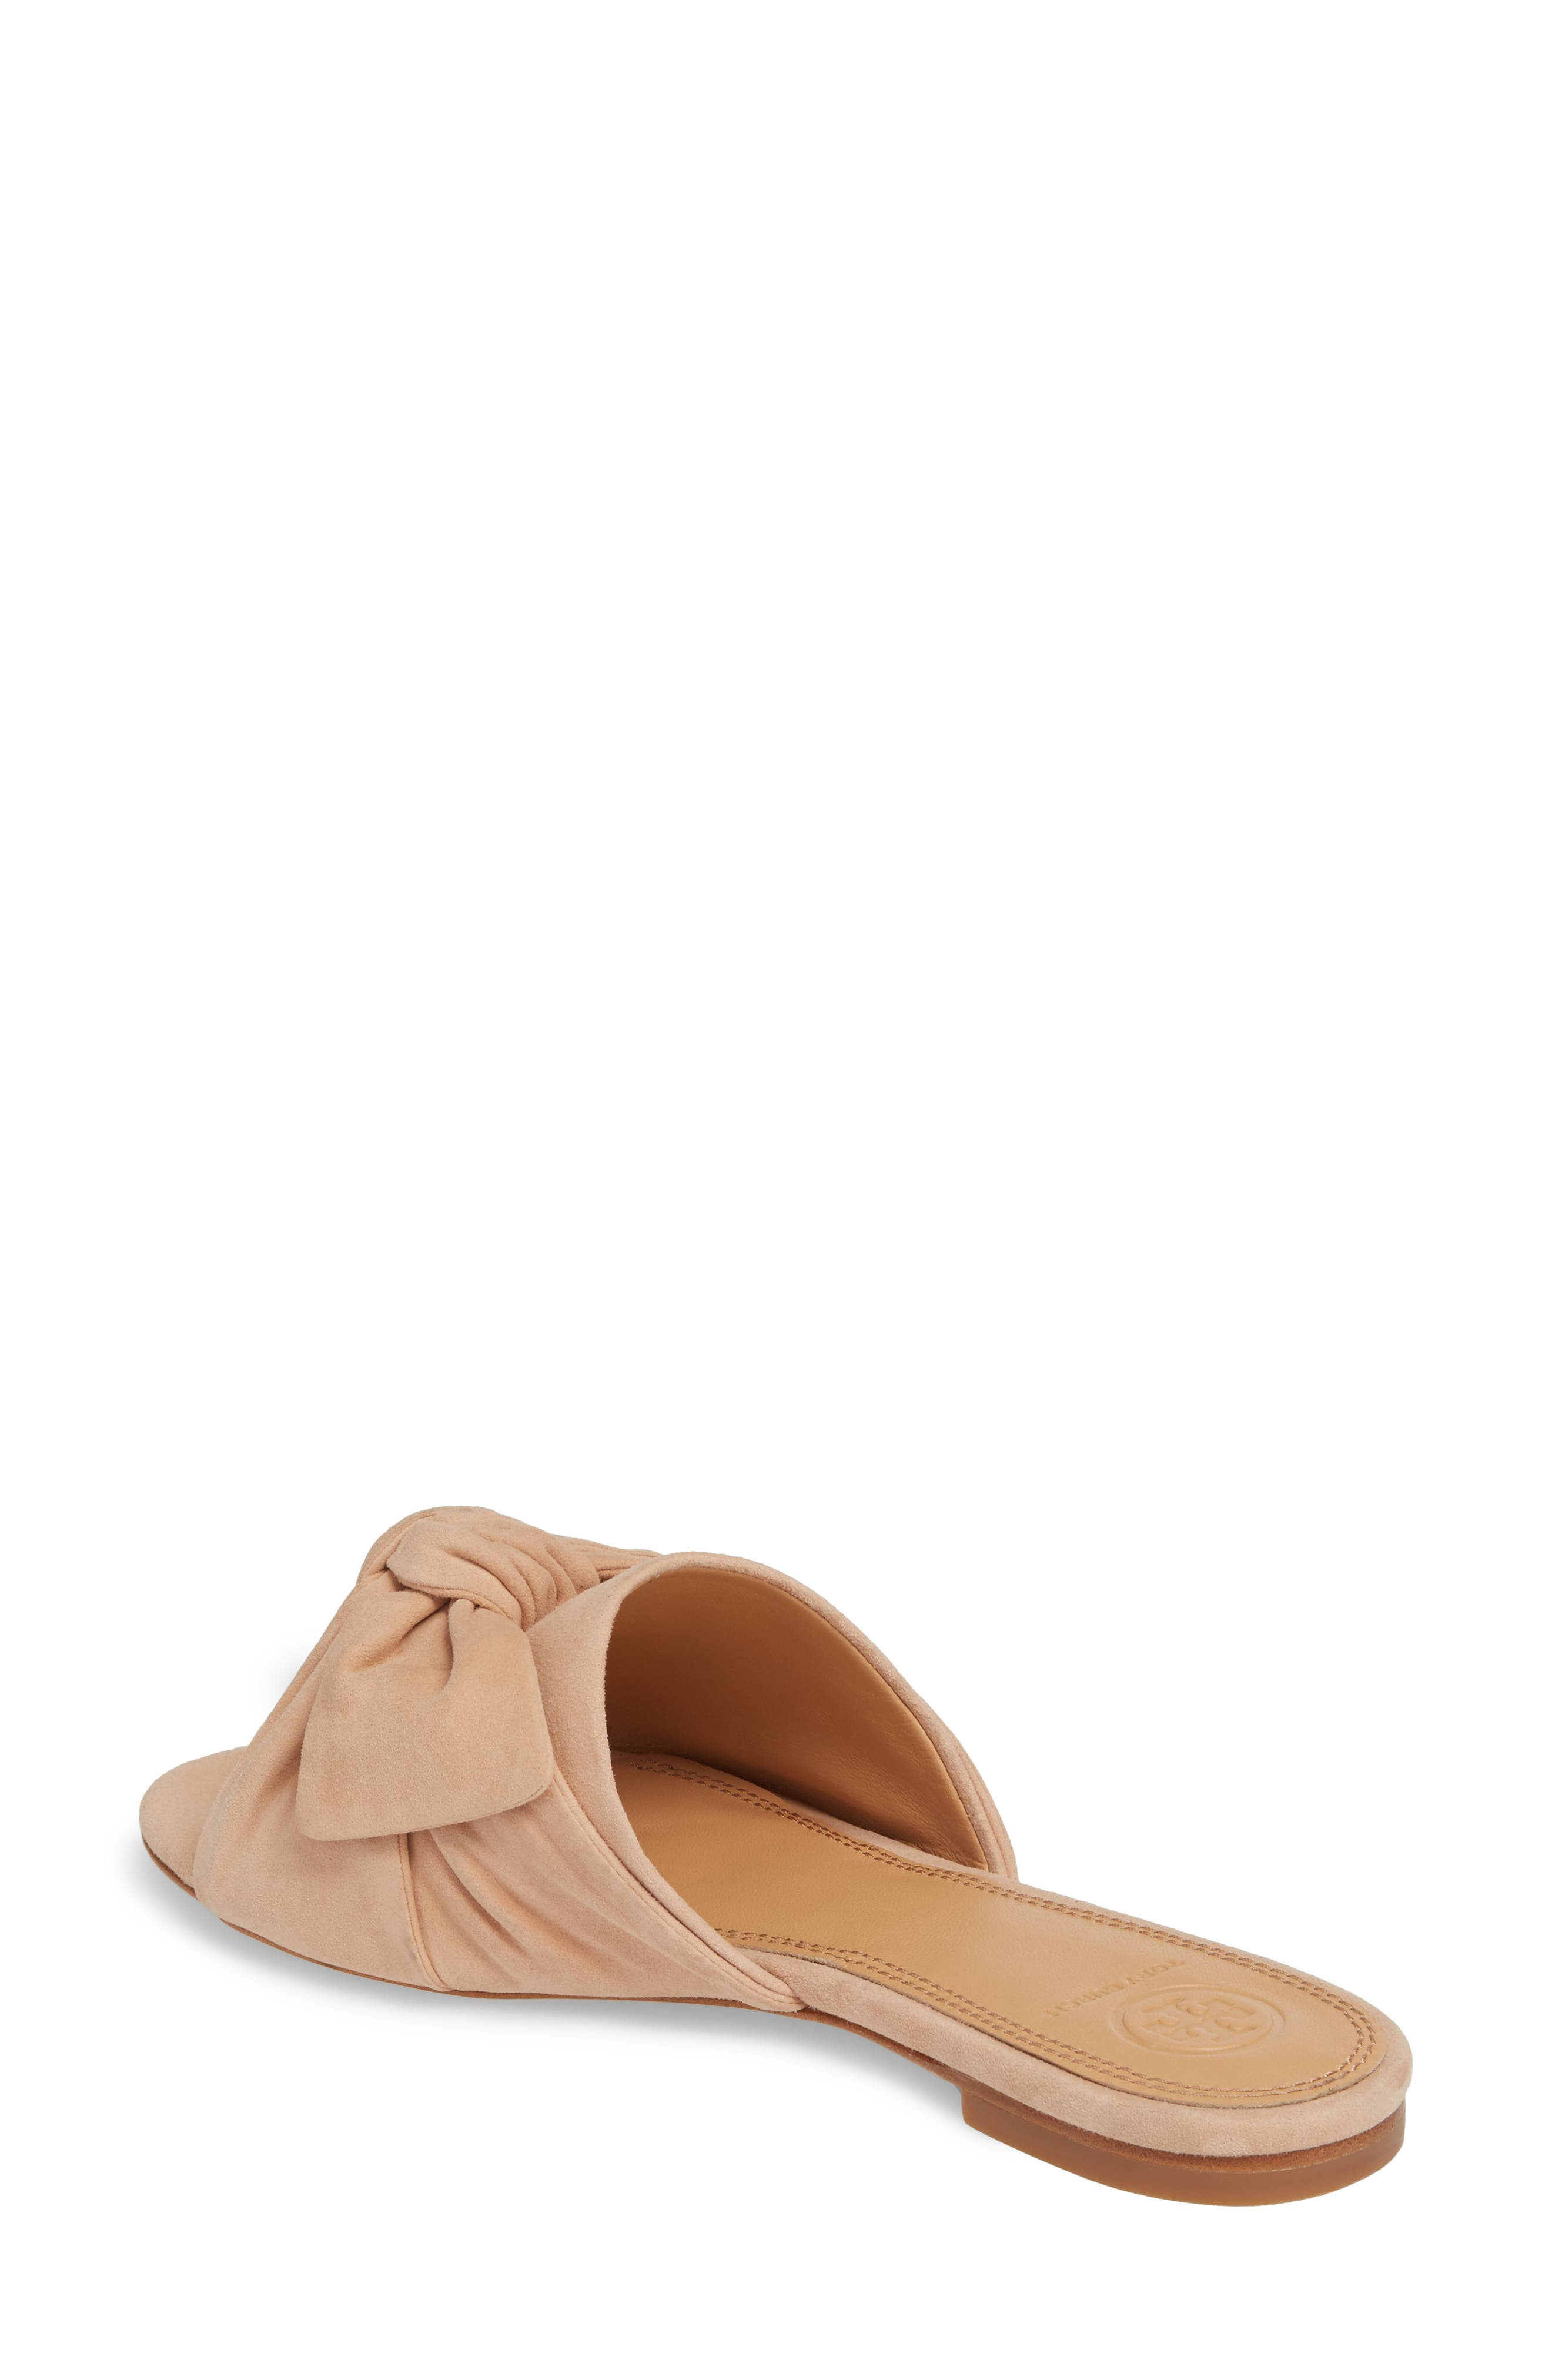 Annabelle Bow Slide Sandal,                             Alternate thumbnail 6, color,